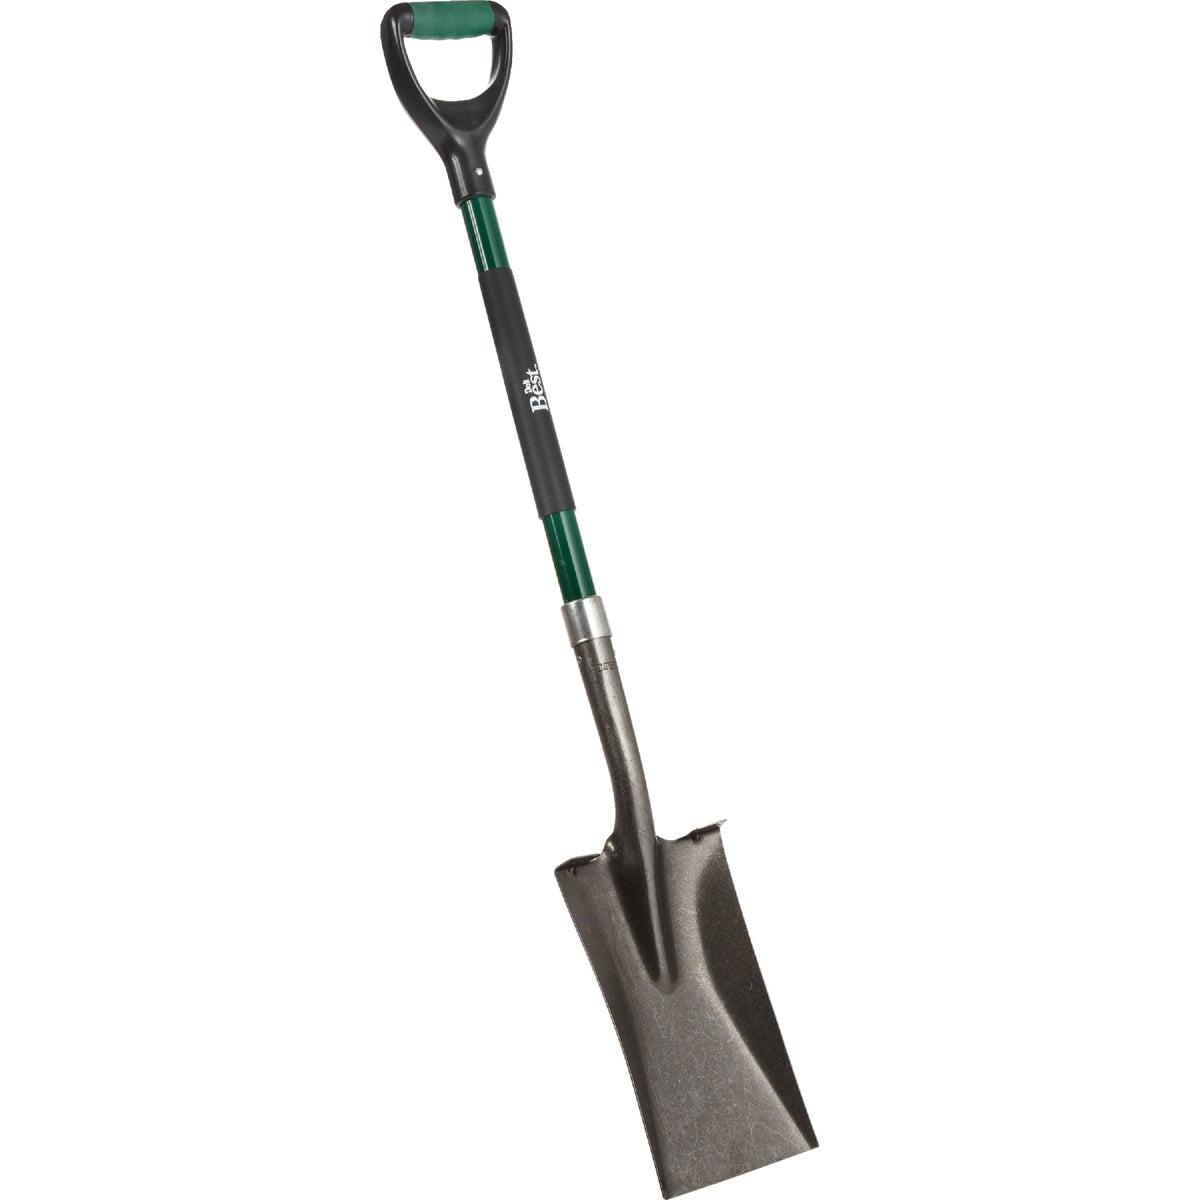 D-Hdl Garden Spade